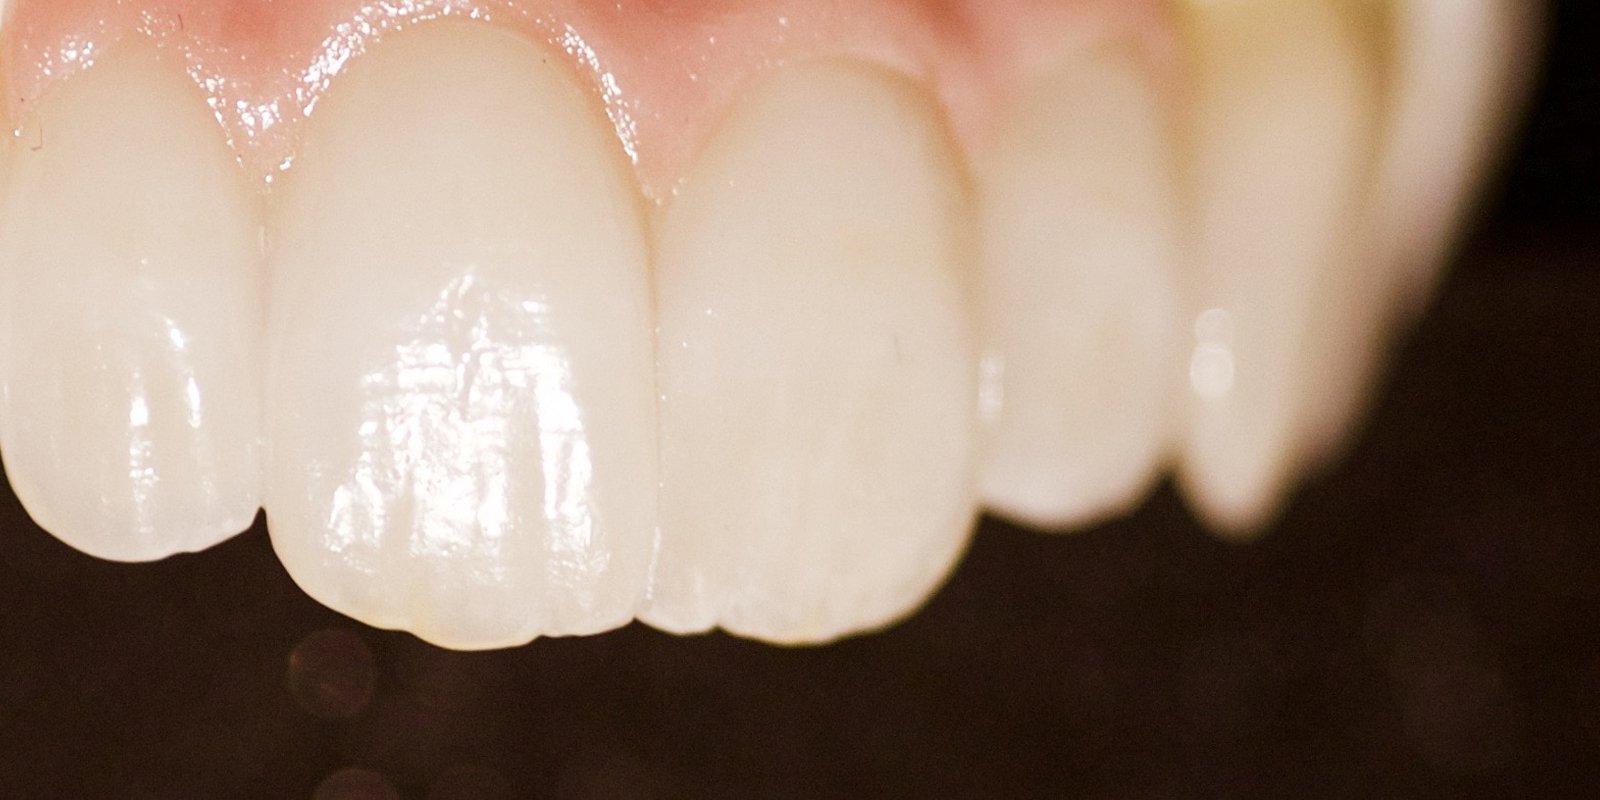 Helkeramisk tandbro i bedste kvalitet, der fungerer fuldstændigt i samspil med de ægte tænder i munden